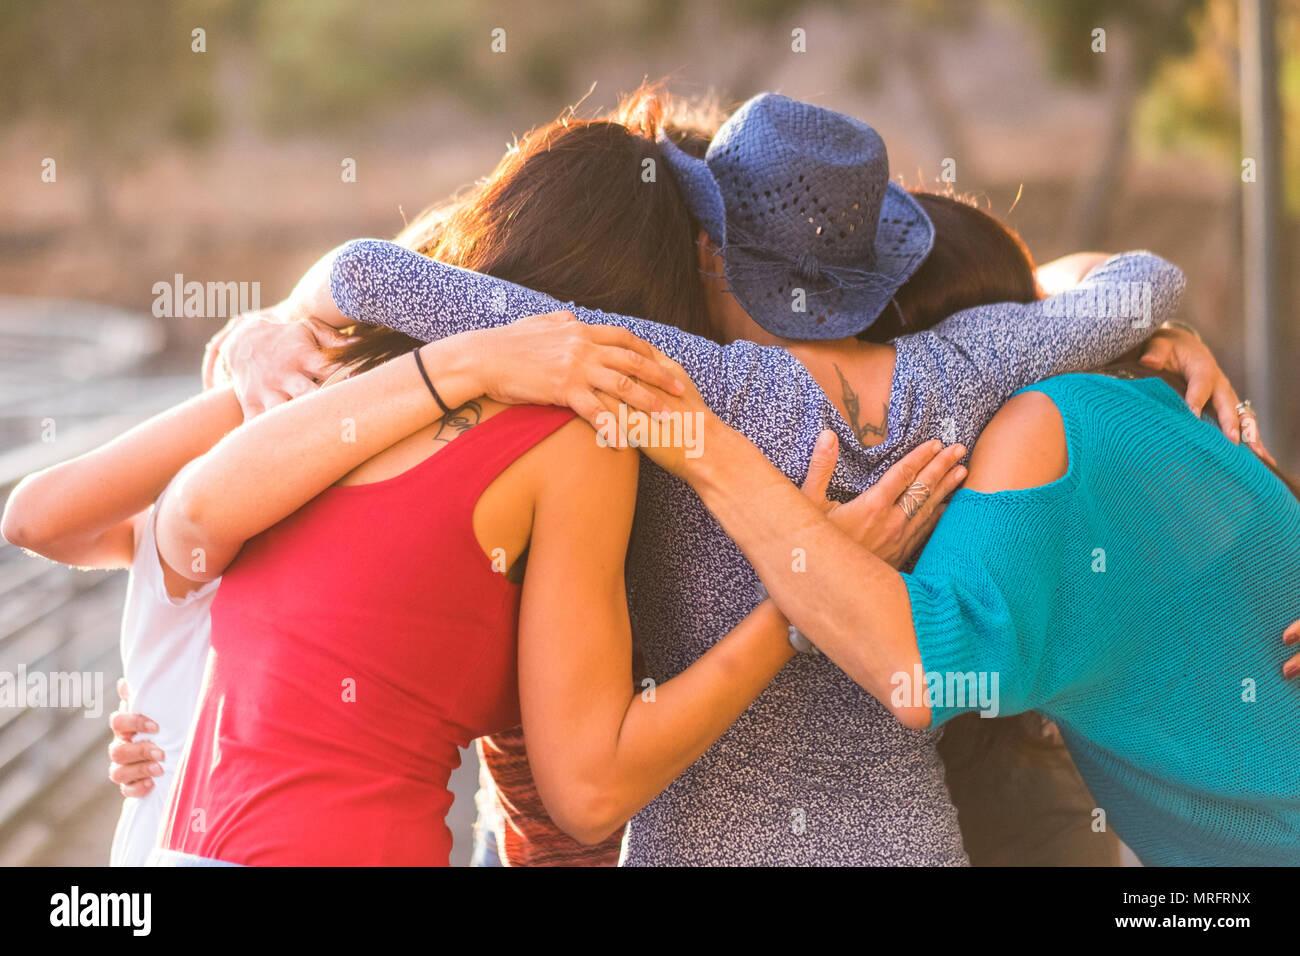 Unione tutti compresi come un lavoro di squadra e il gruppo di amici animali femmine 7 belle donne abbraccio tutti insieme sotto la luce del sole e al tramonto per amicizia e r Immagini Stock